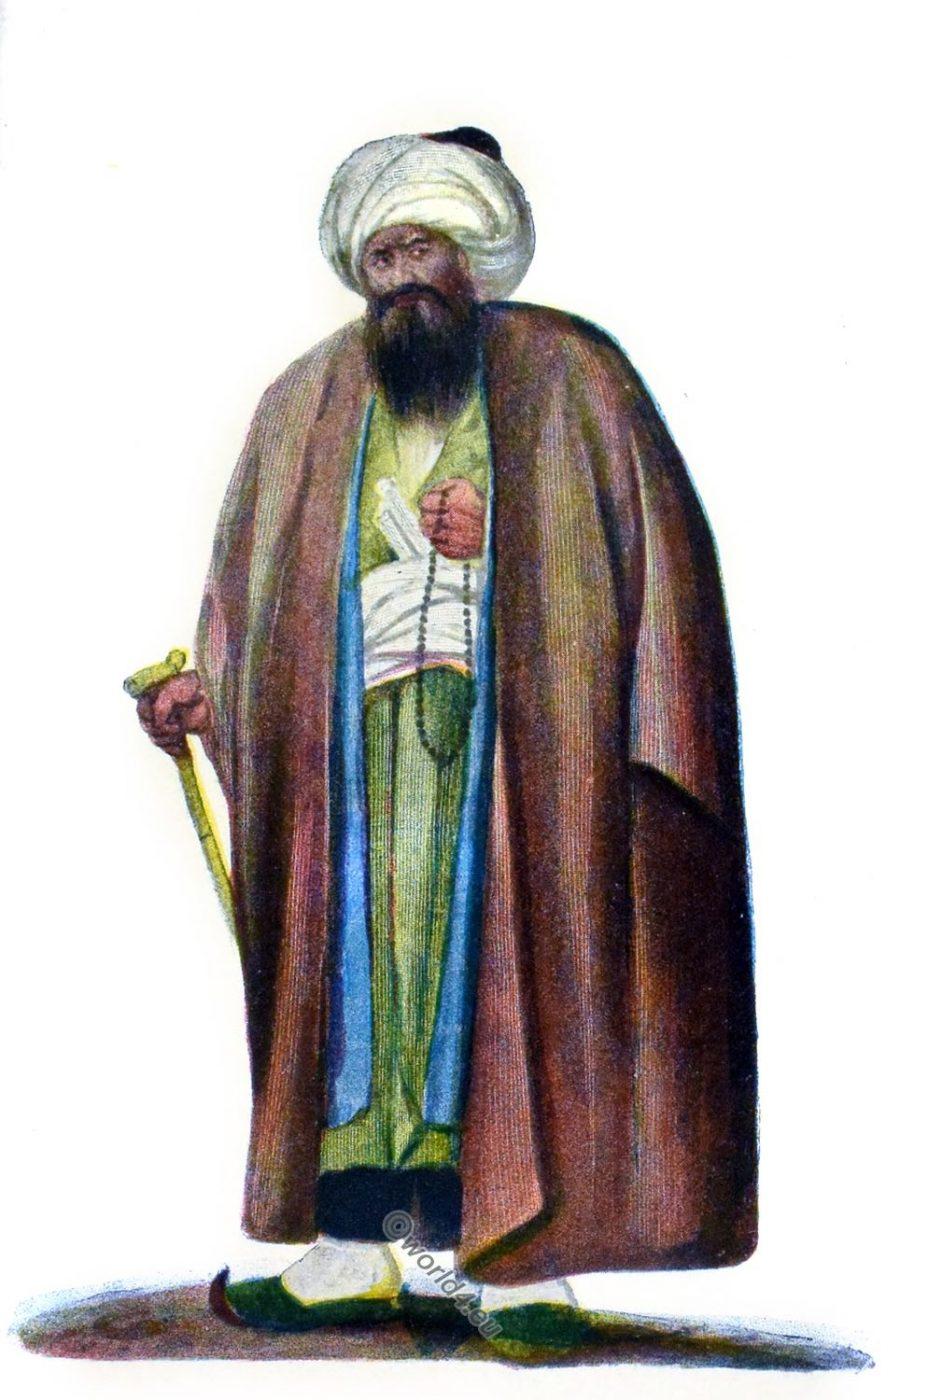 Mullah, Persia, Iran, Tesbih, rosary, costume, estékarè